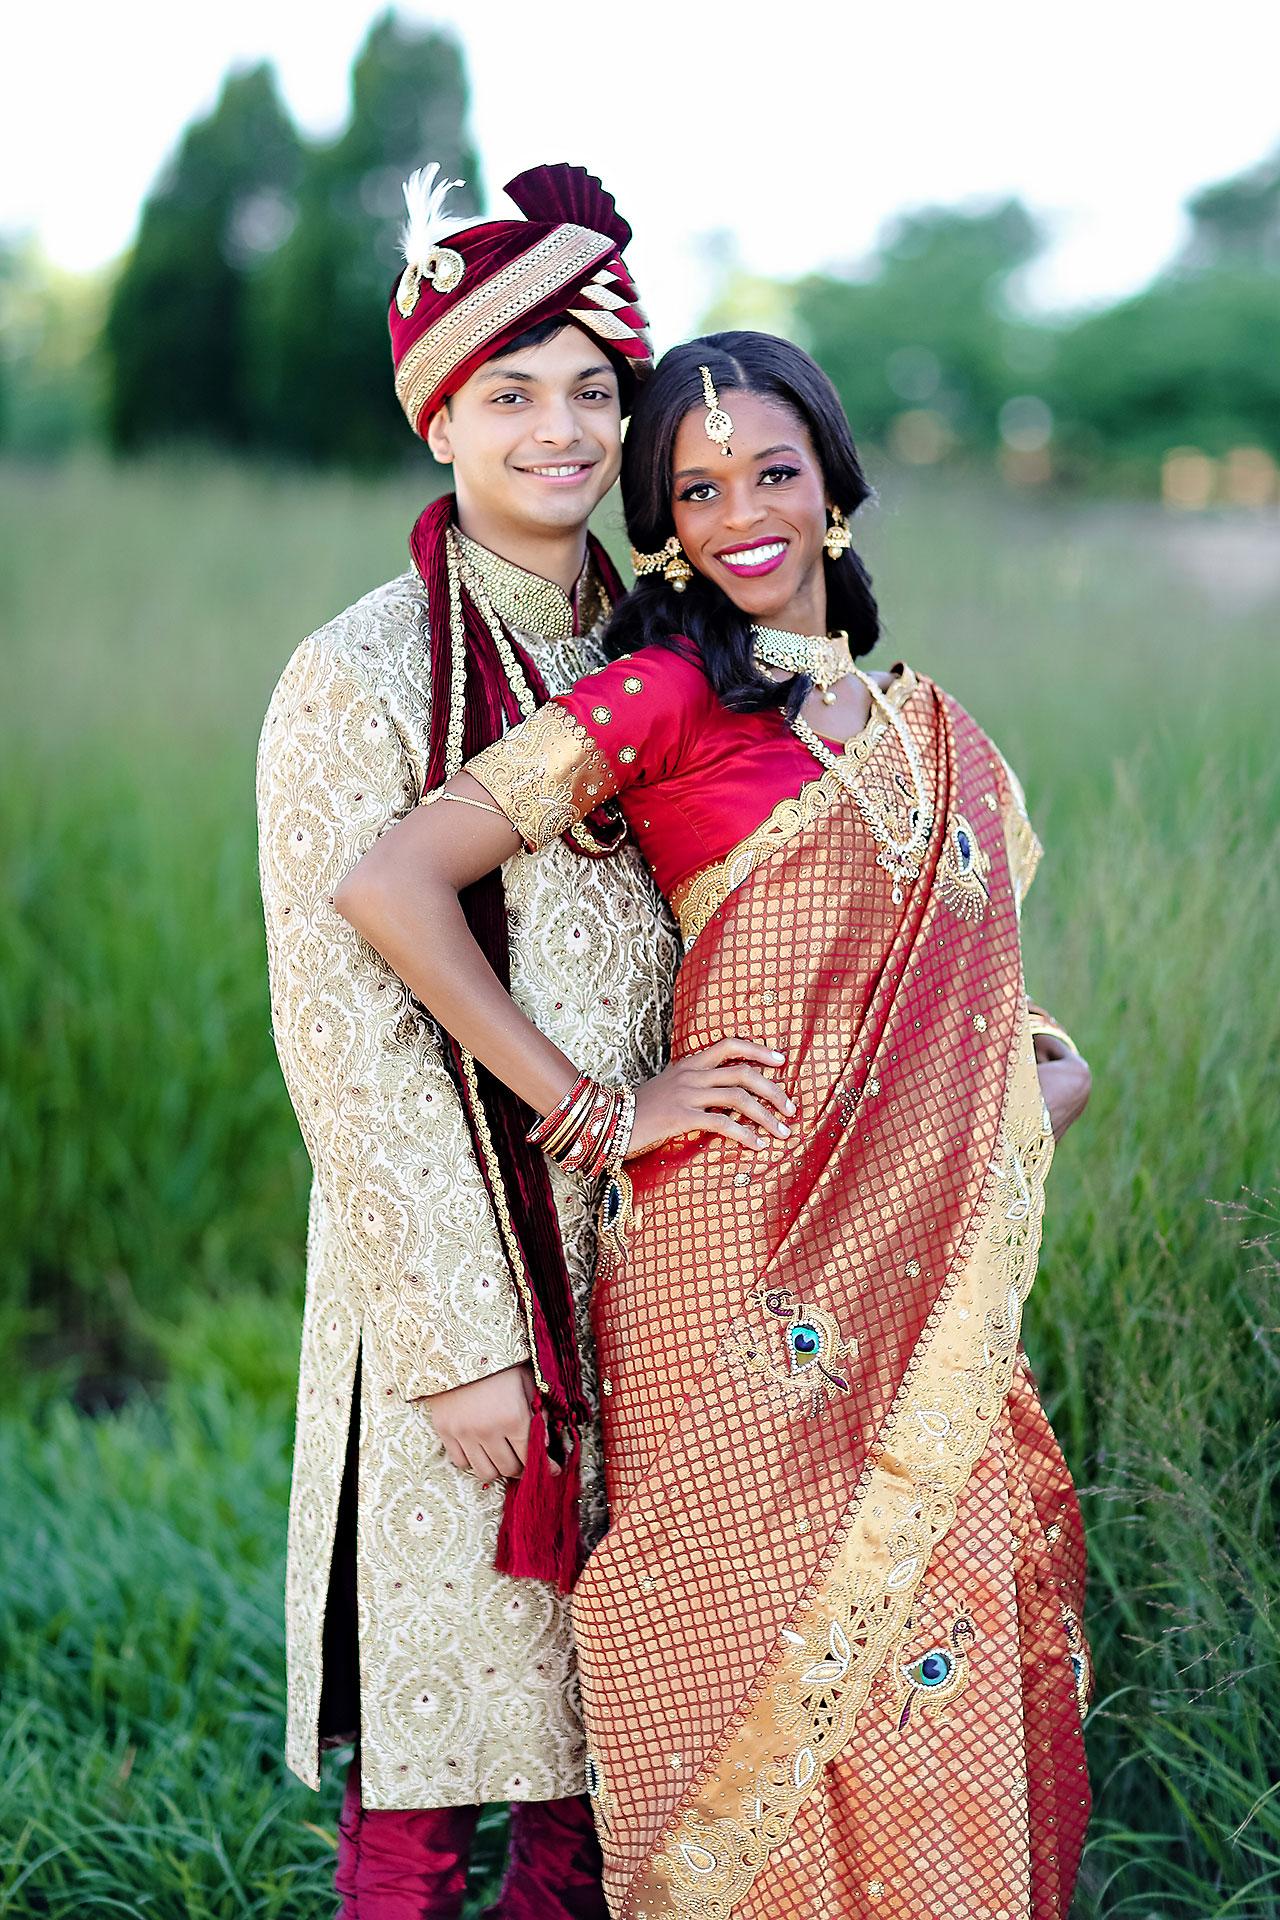 Joie Nikhil JW Marriott Indian Wedding 046